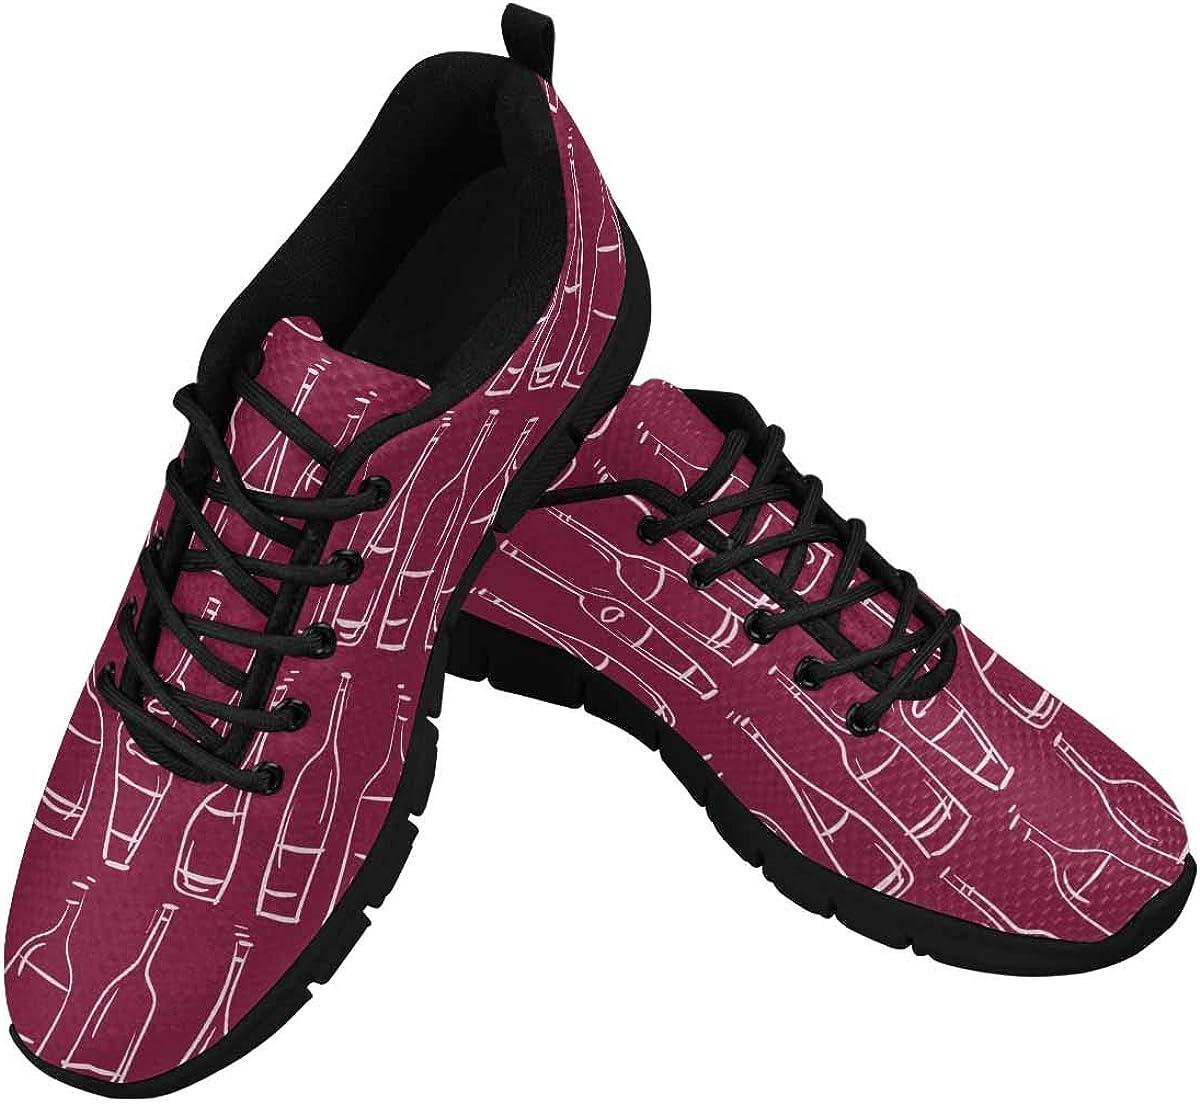 INTERESTPRINT Wine Bottles in Rows Women's Breathable Sneaker